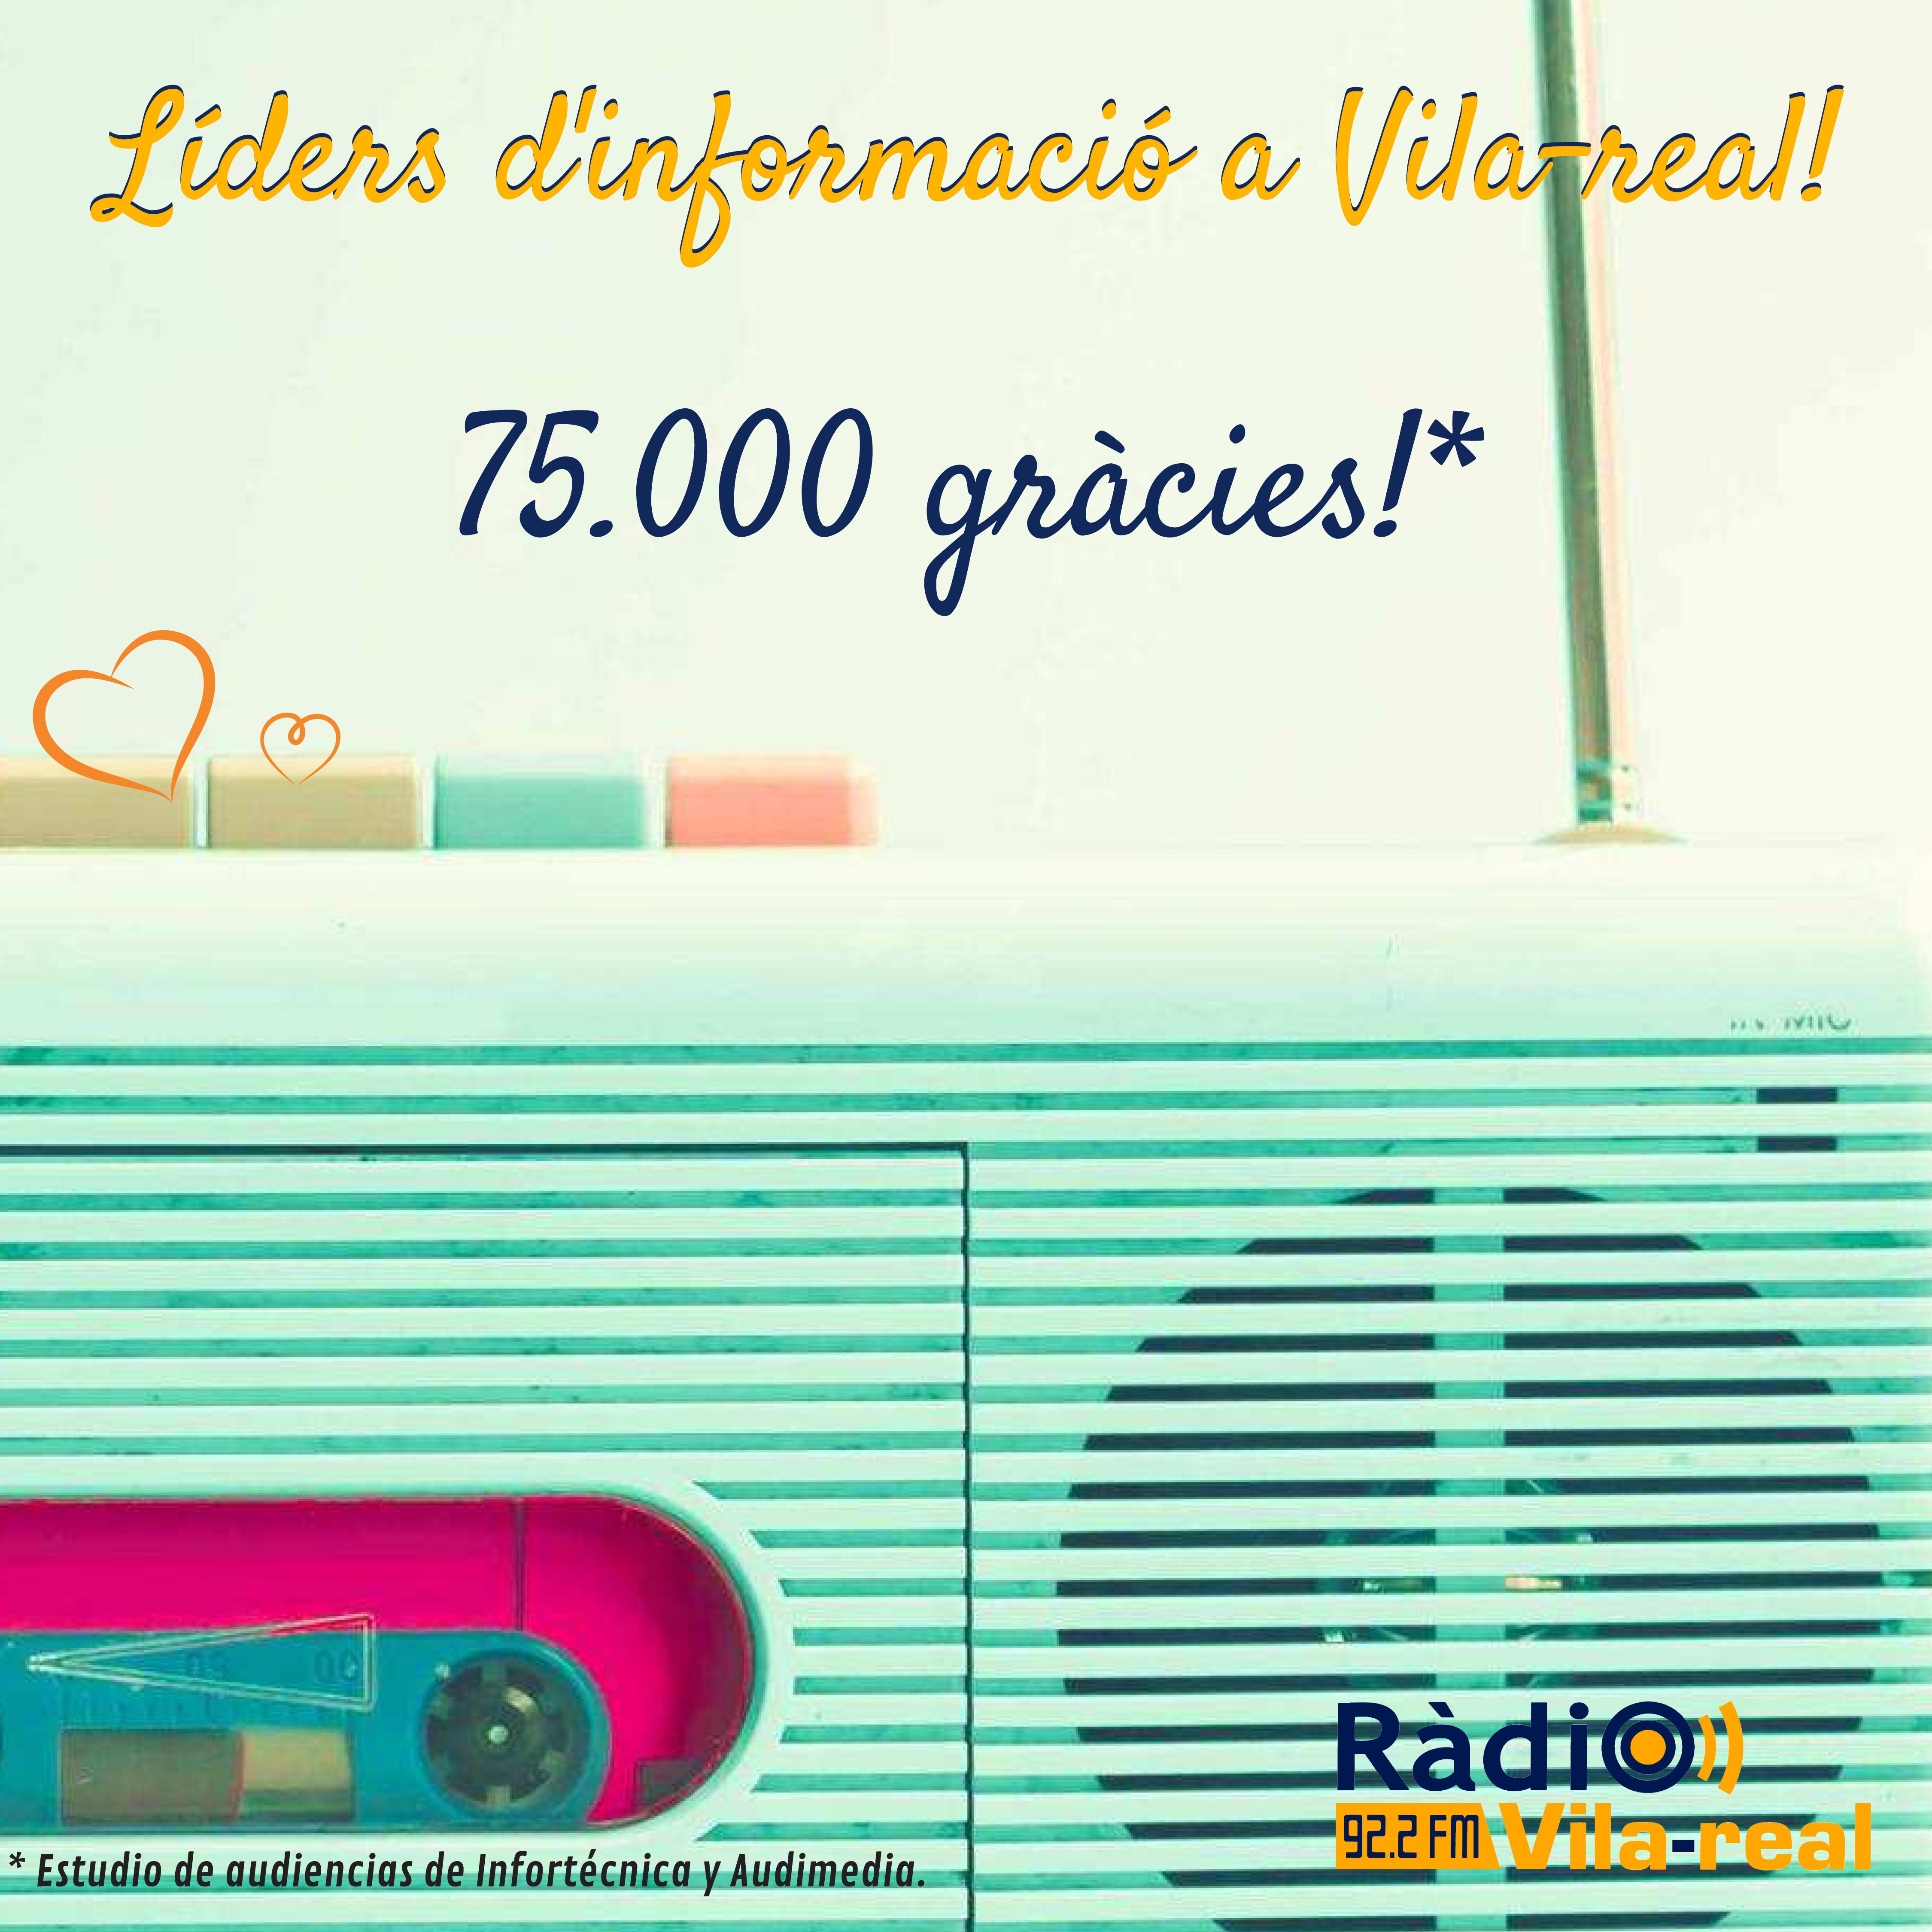 Radio Vila-real, medio líder de información y deportes en Vila-real.